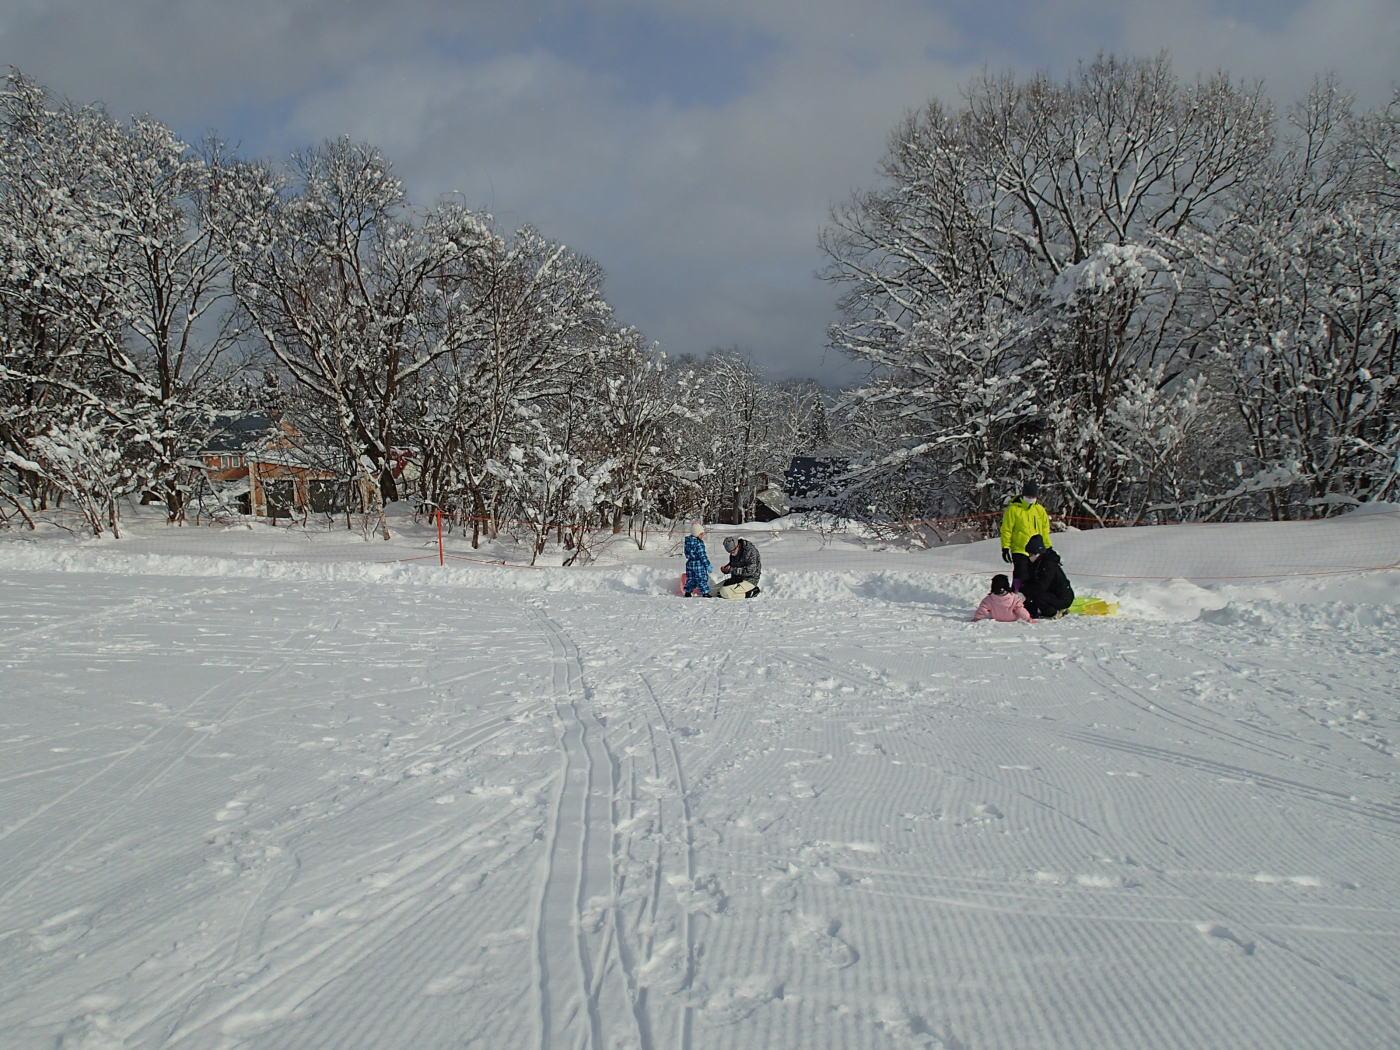 黒姫スノーパークはスキーやスノボをしなくても、雪遊びが楽しめるスキー場です